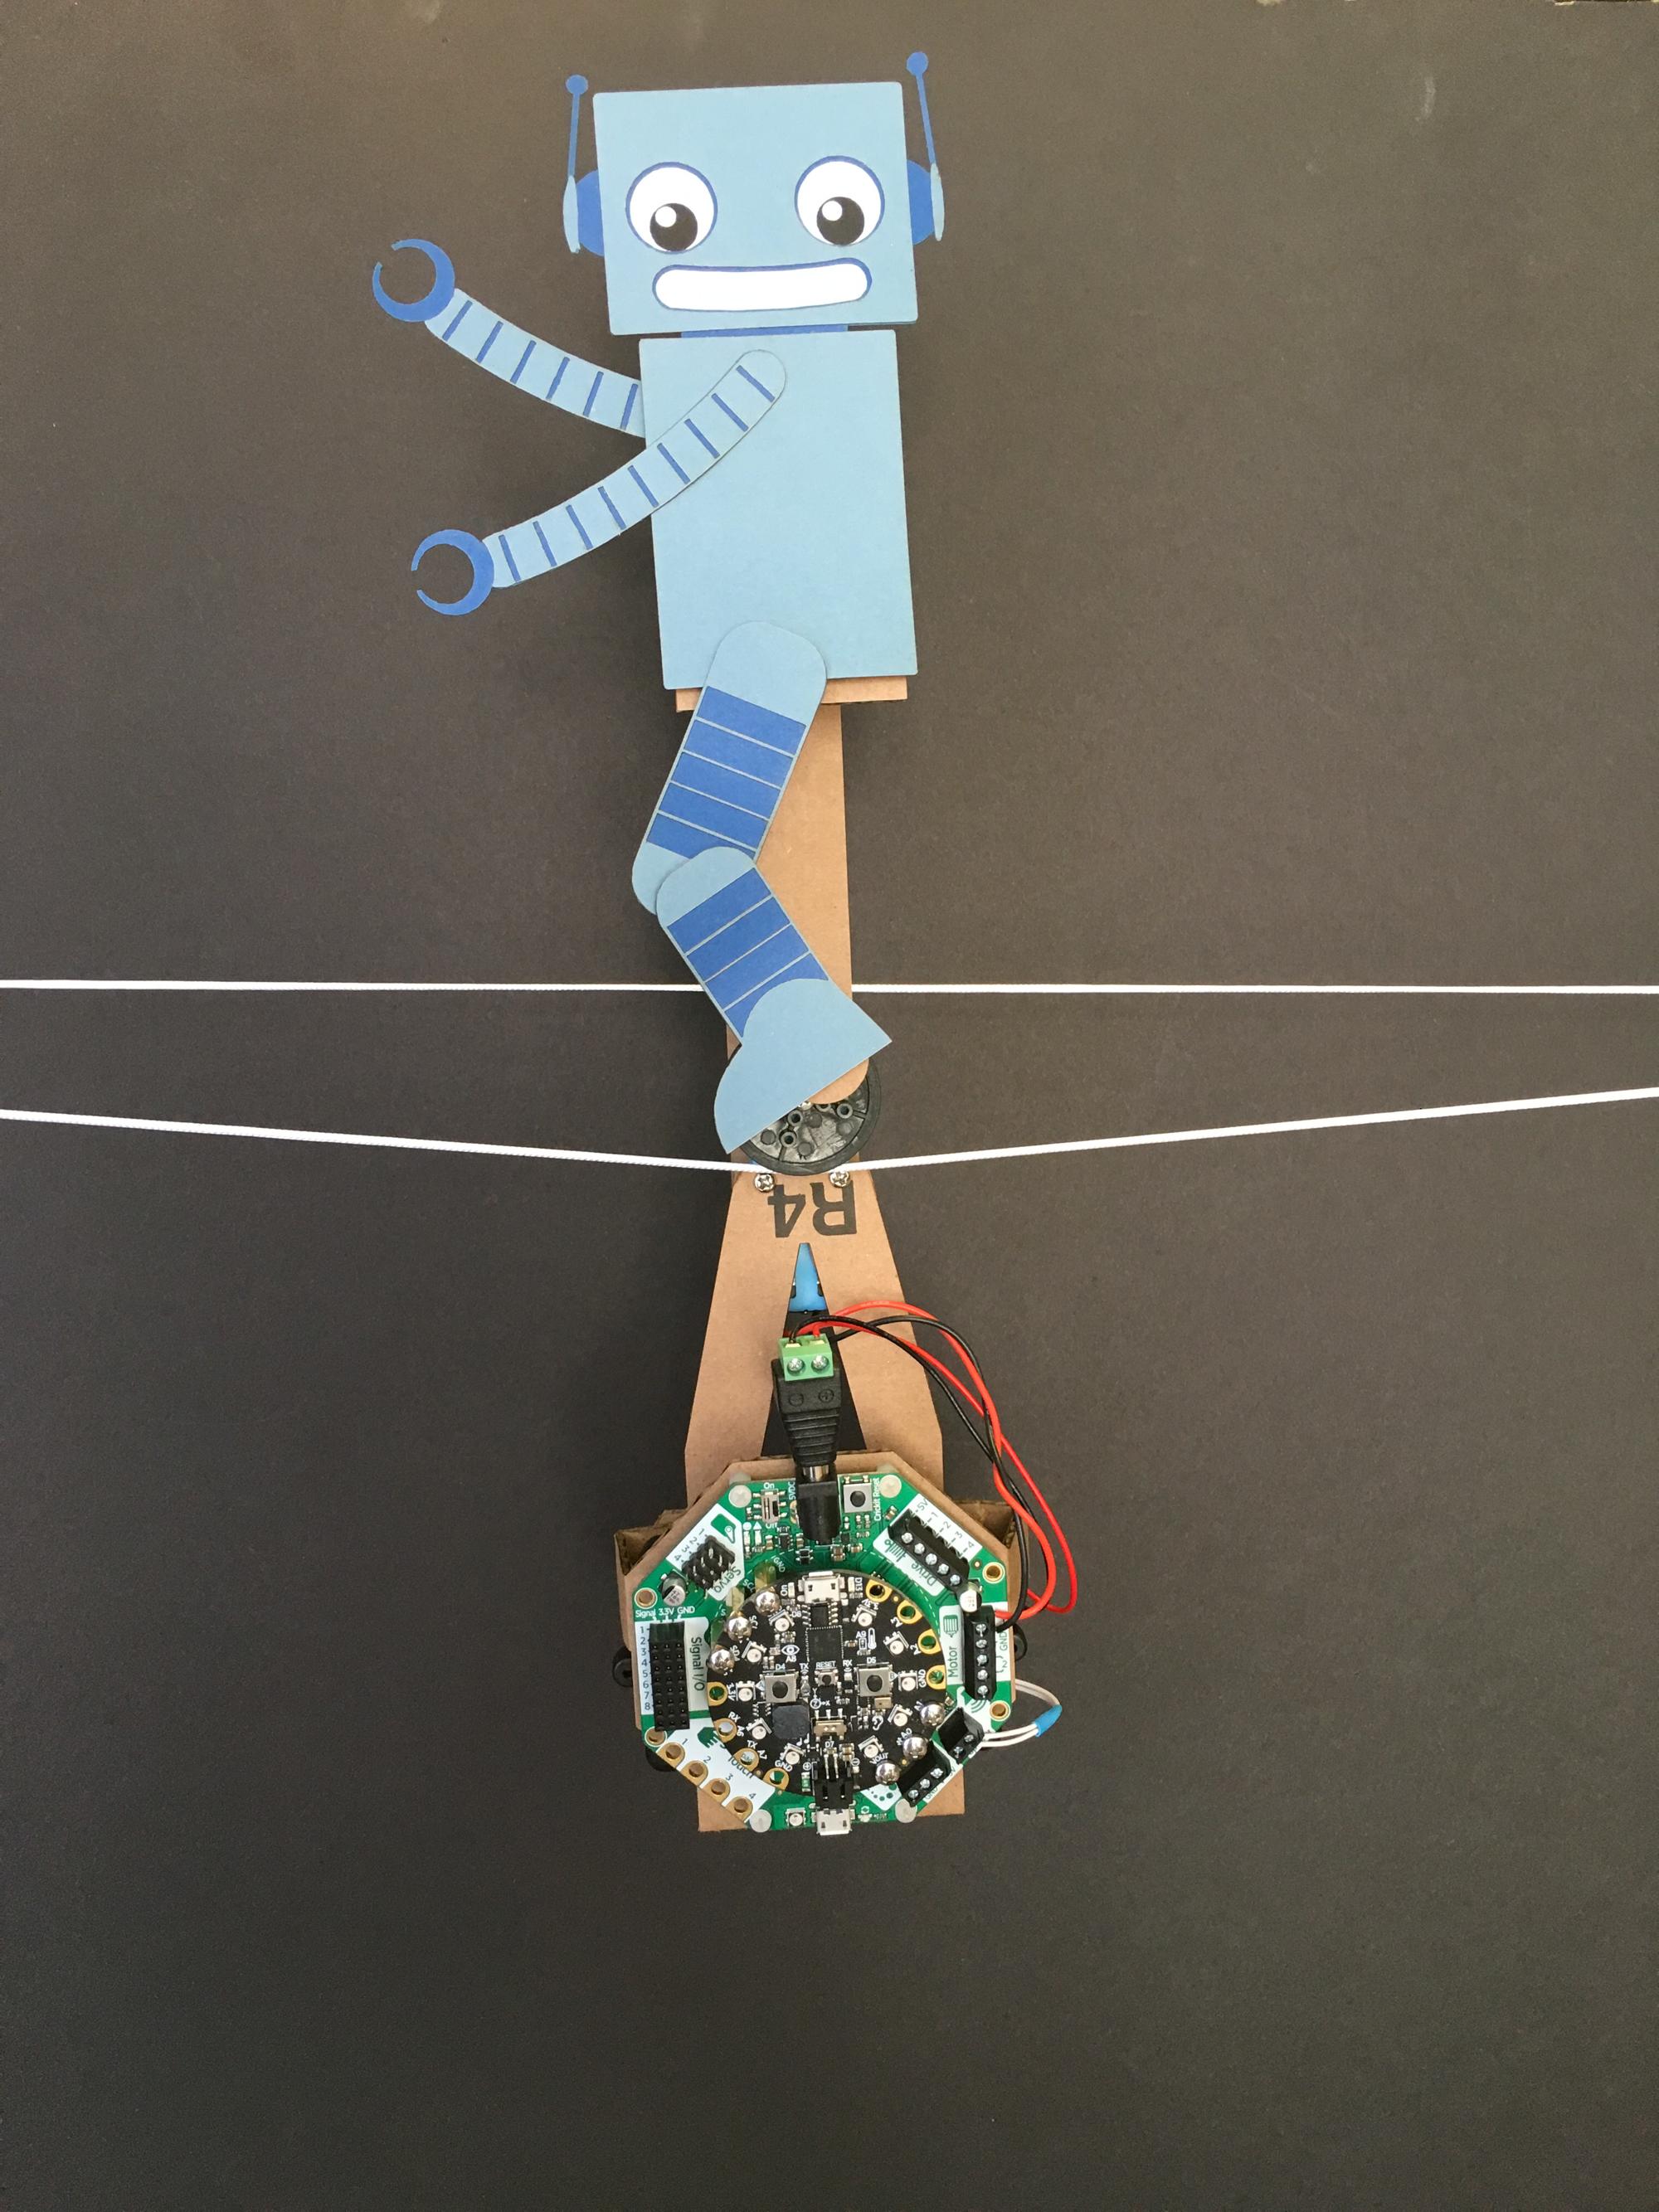 robotics___cnc_uni_bot_0107_2k.jpg